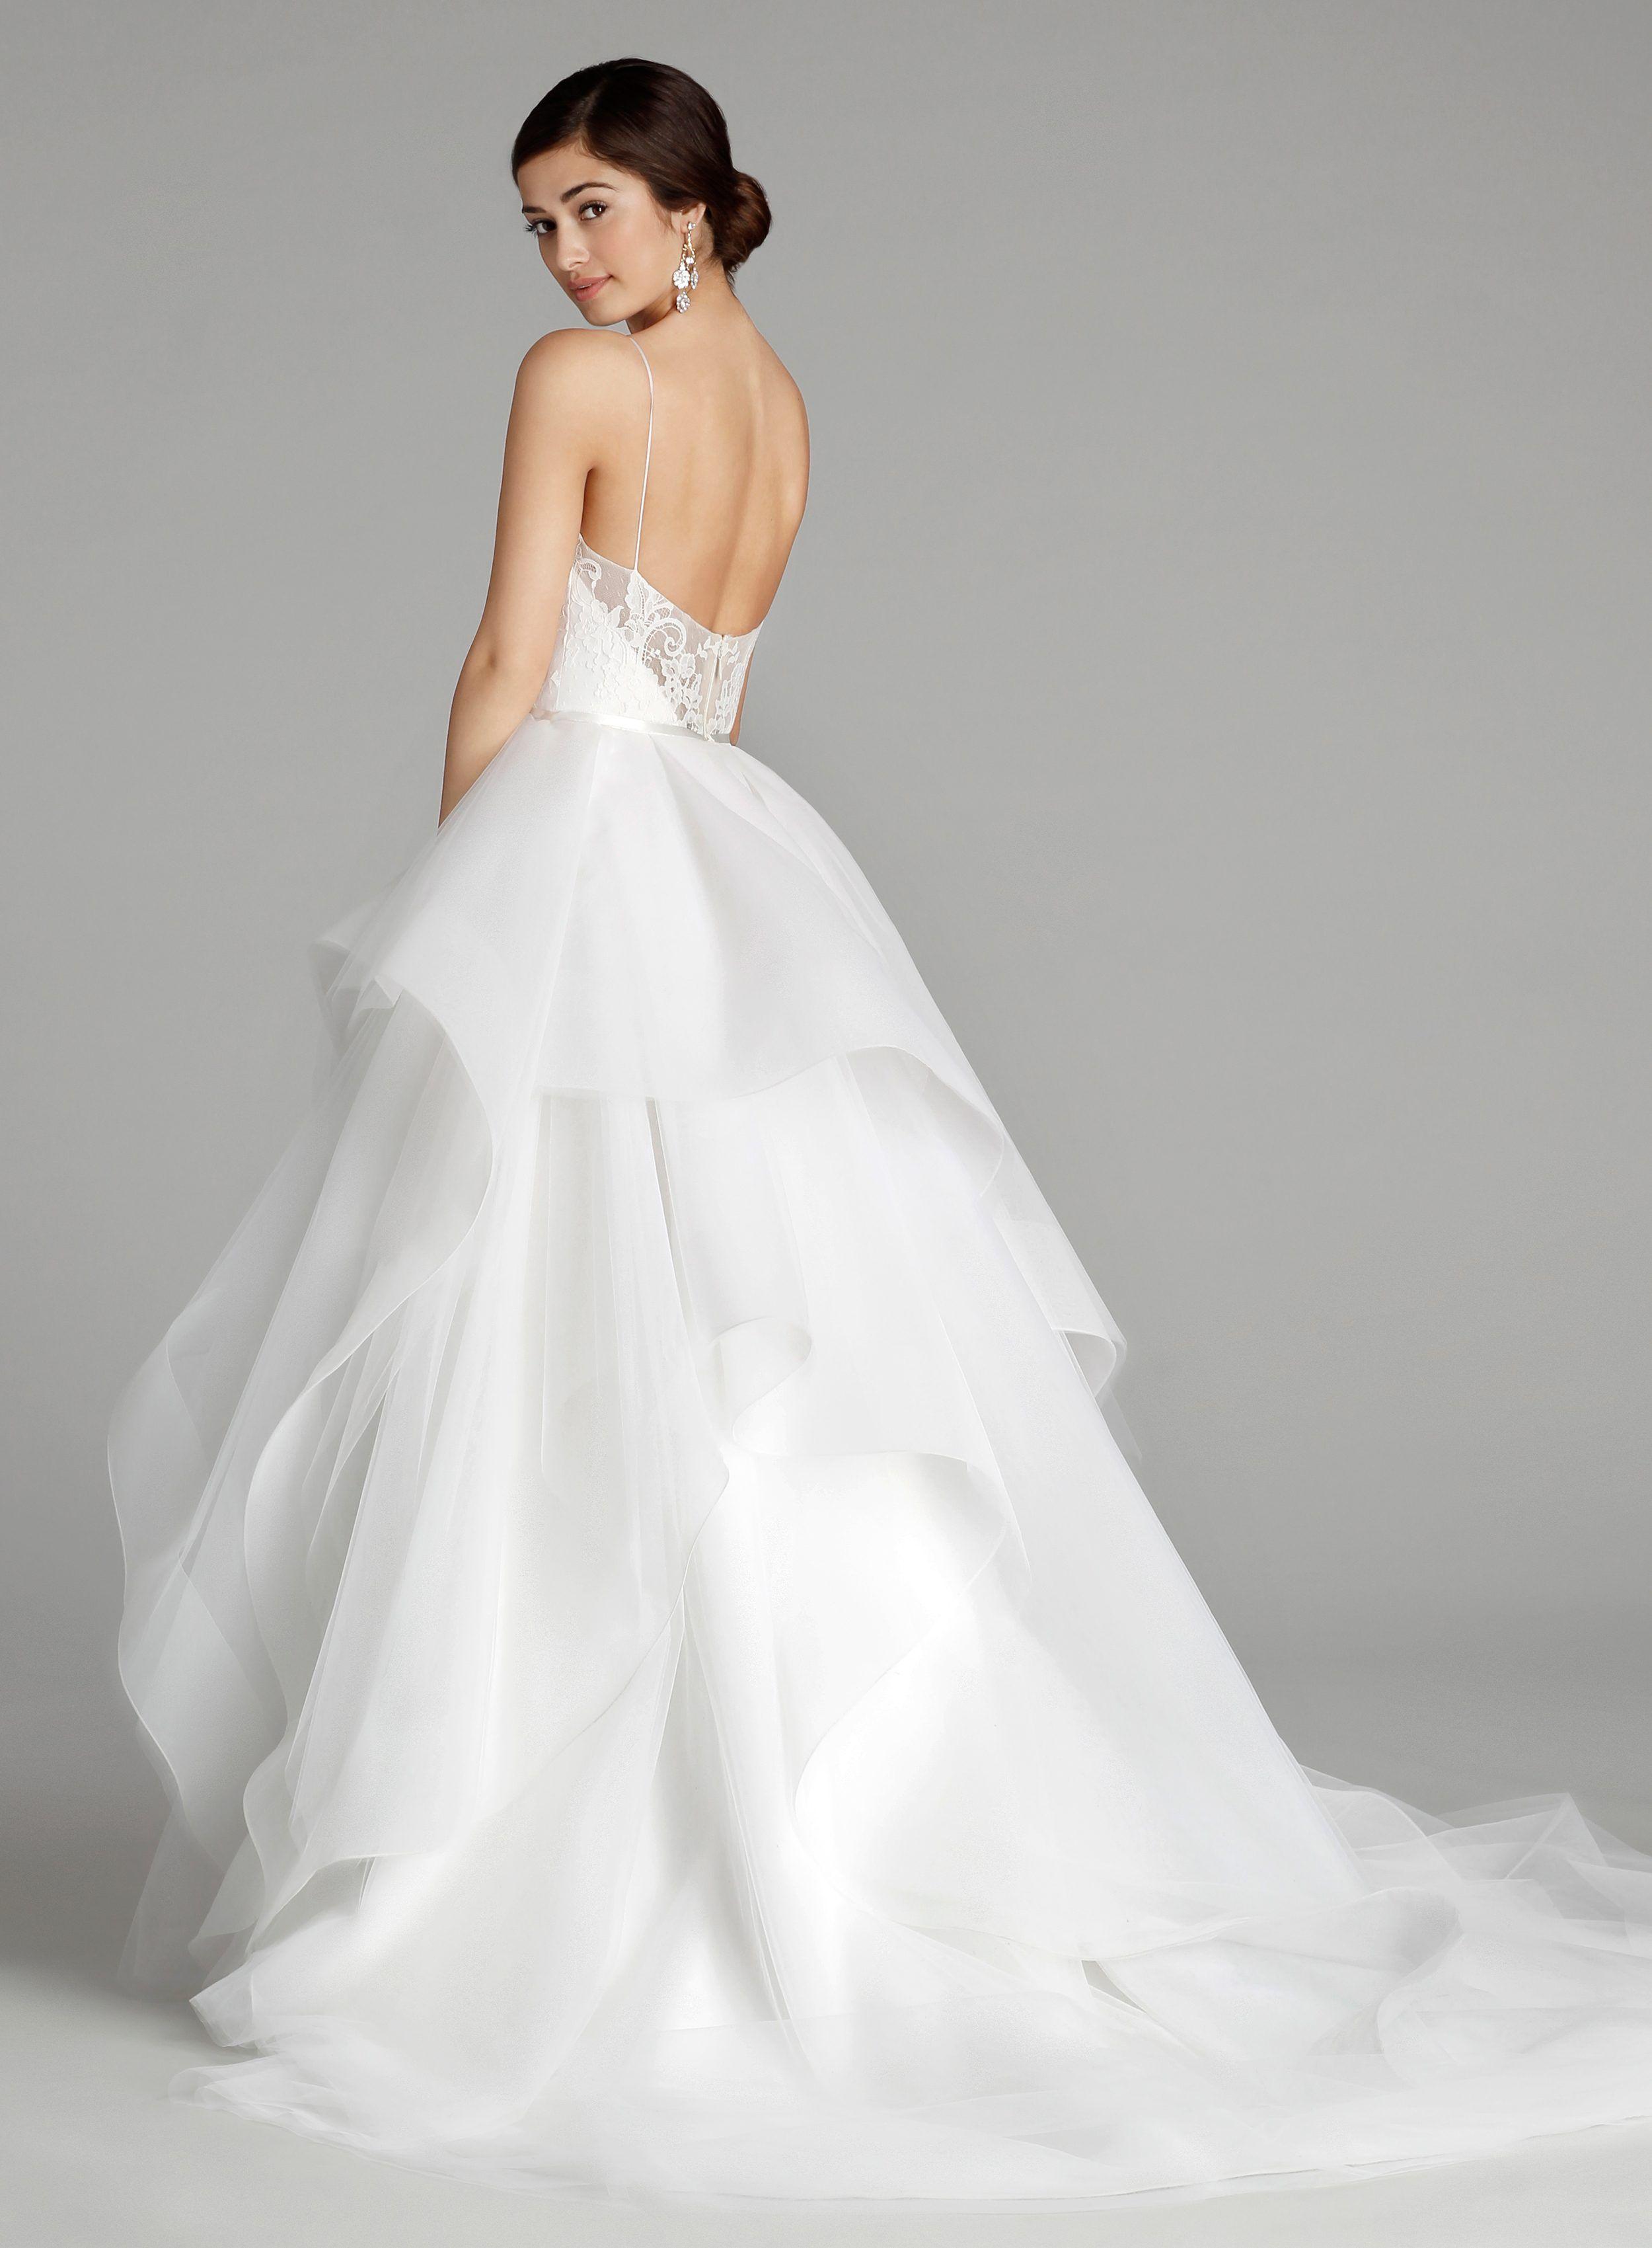 Organza and Chiffon Wedding Dress